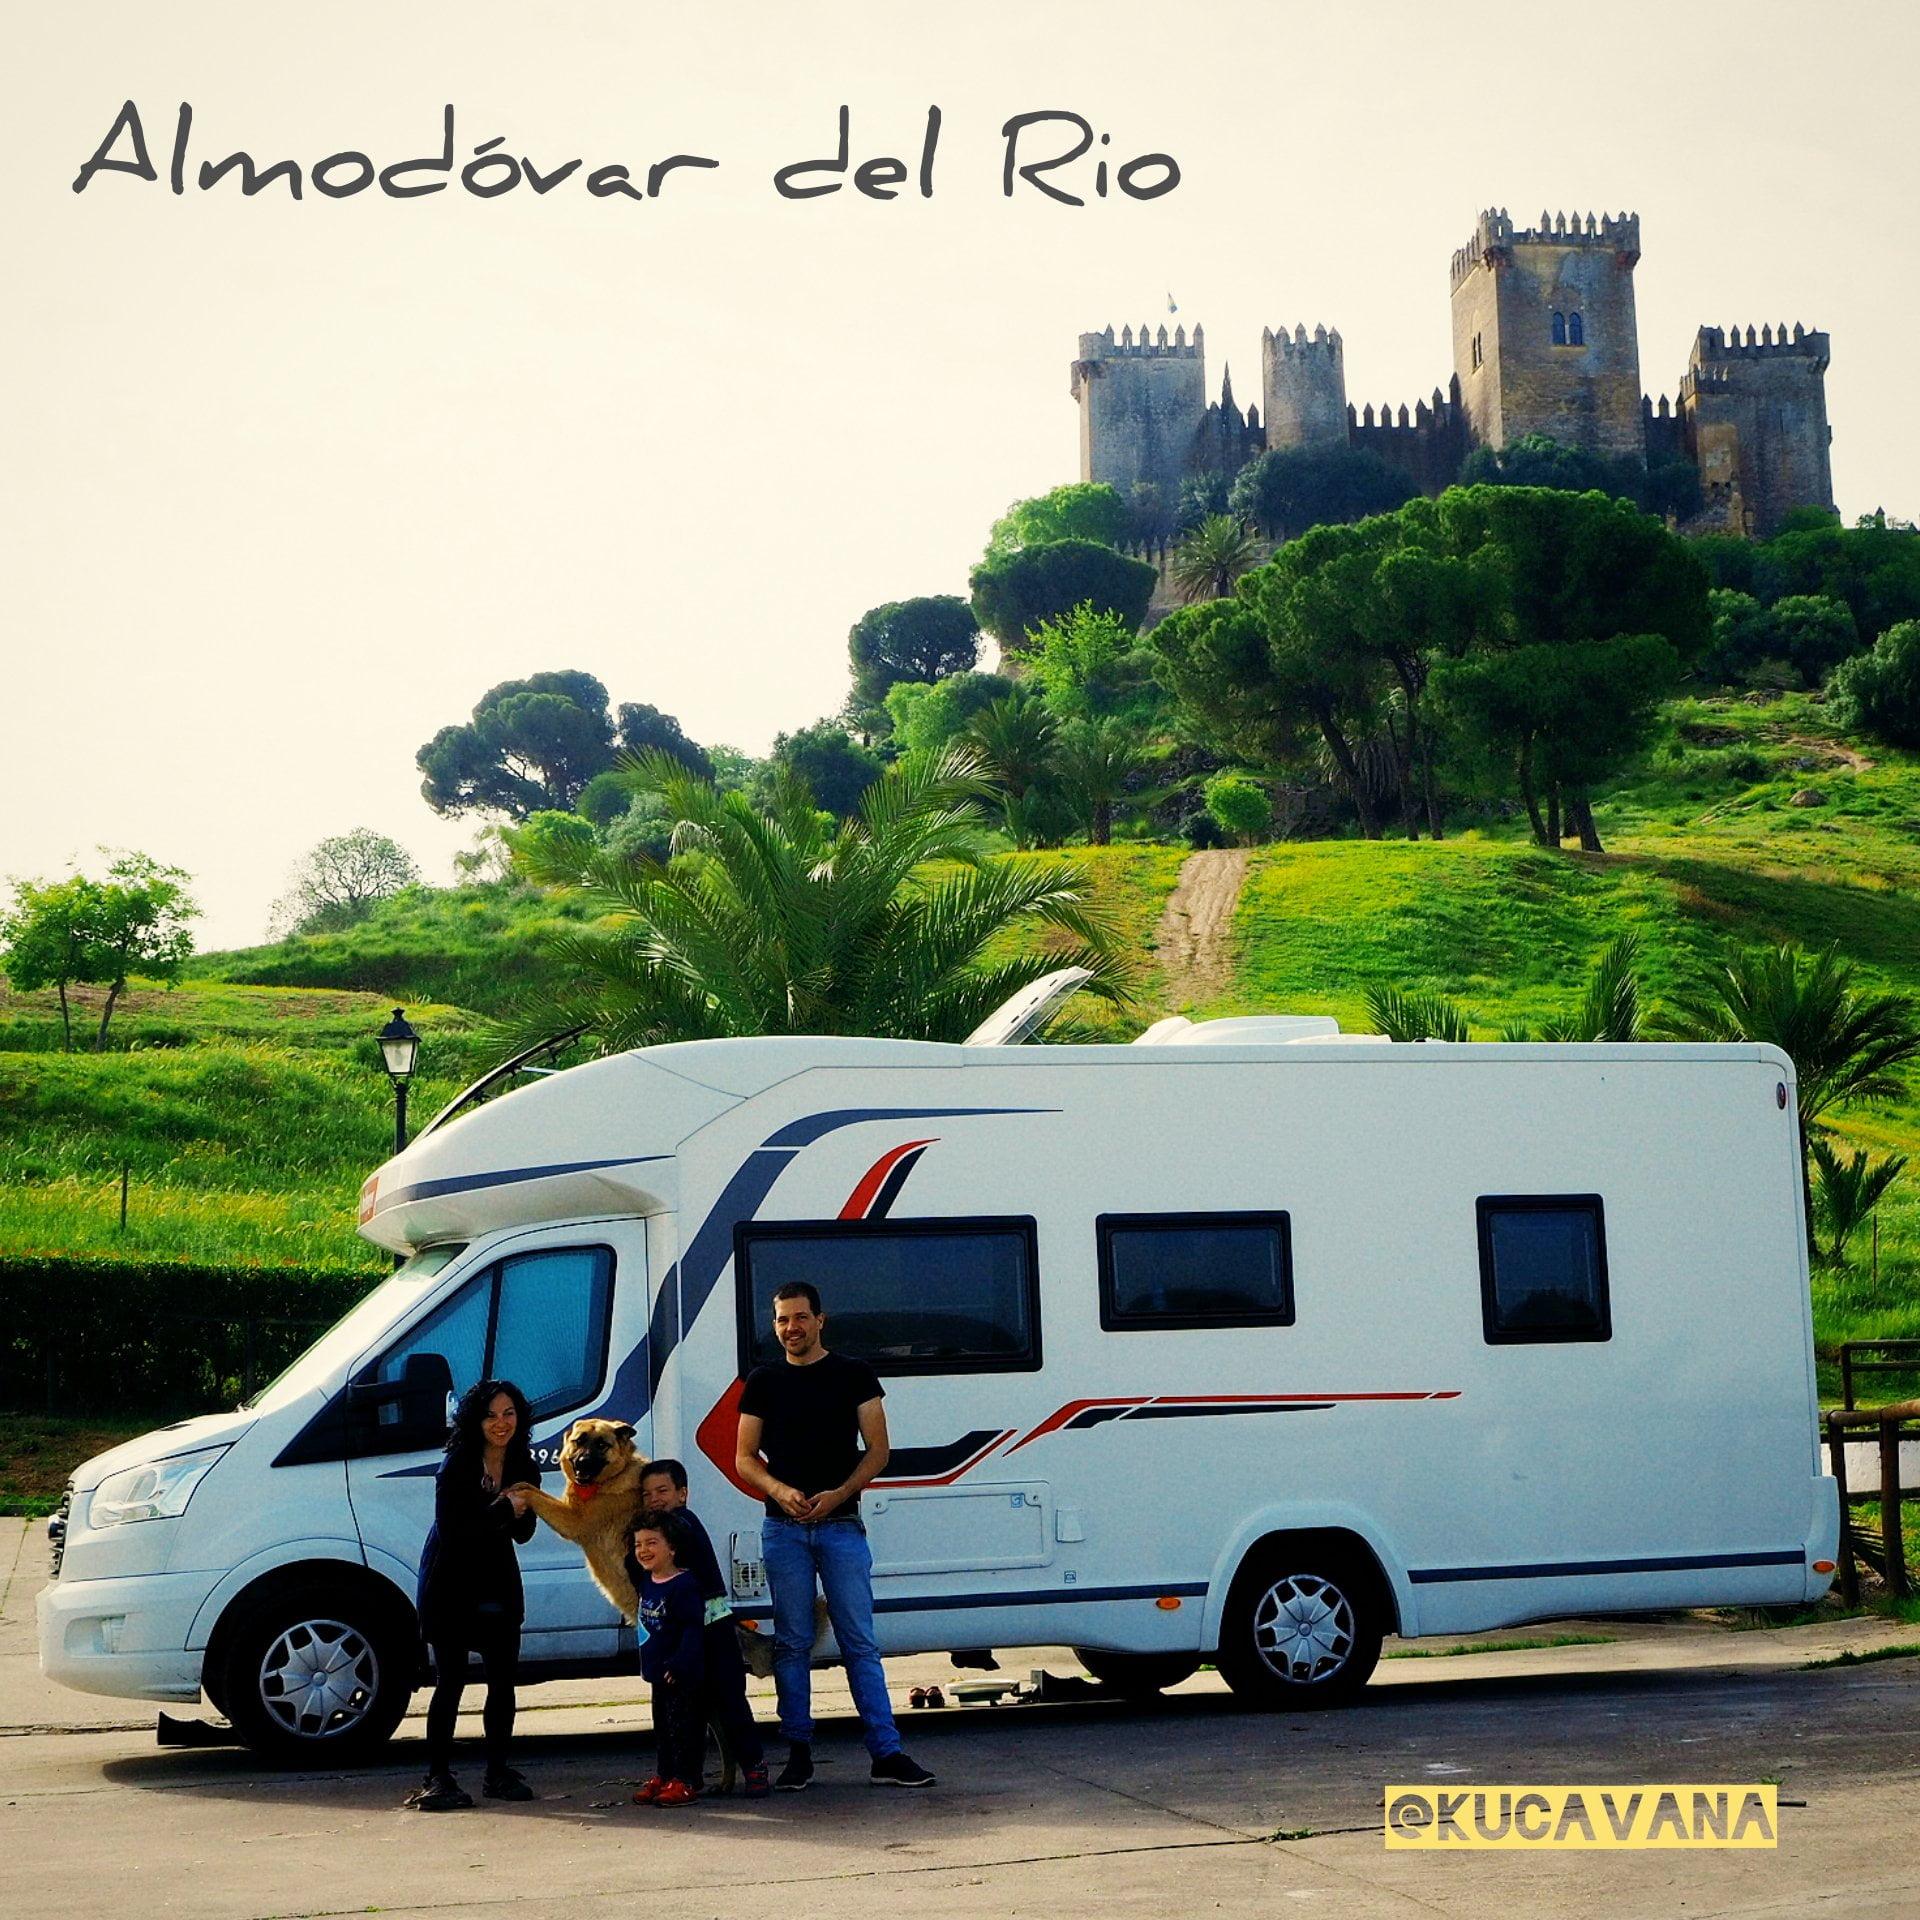 El Castillo de Almodóvar del Río, 5 cosas a saber